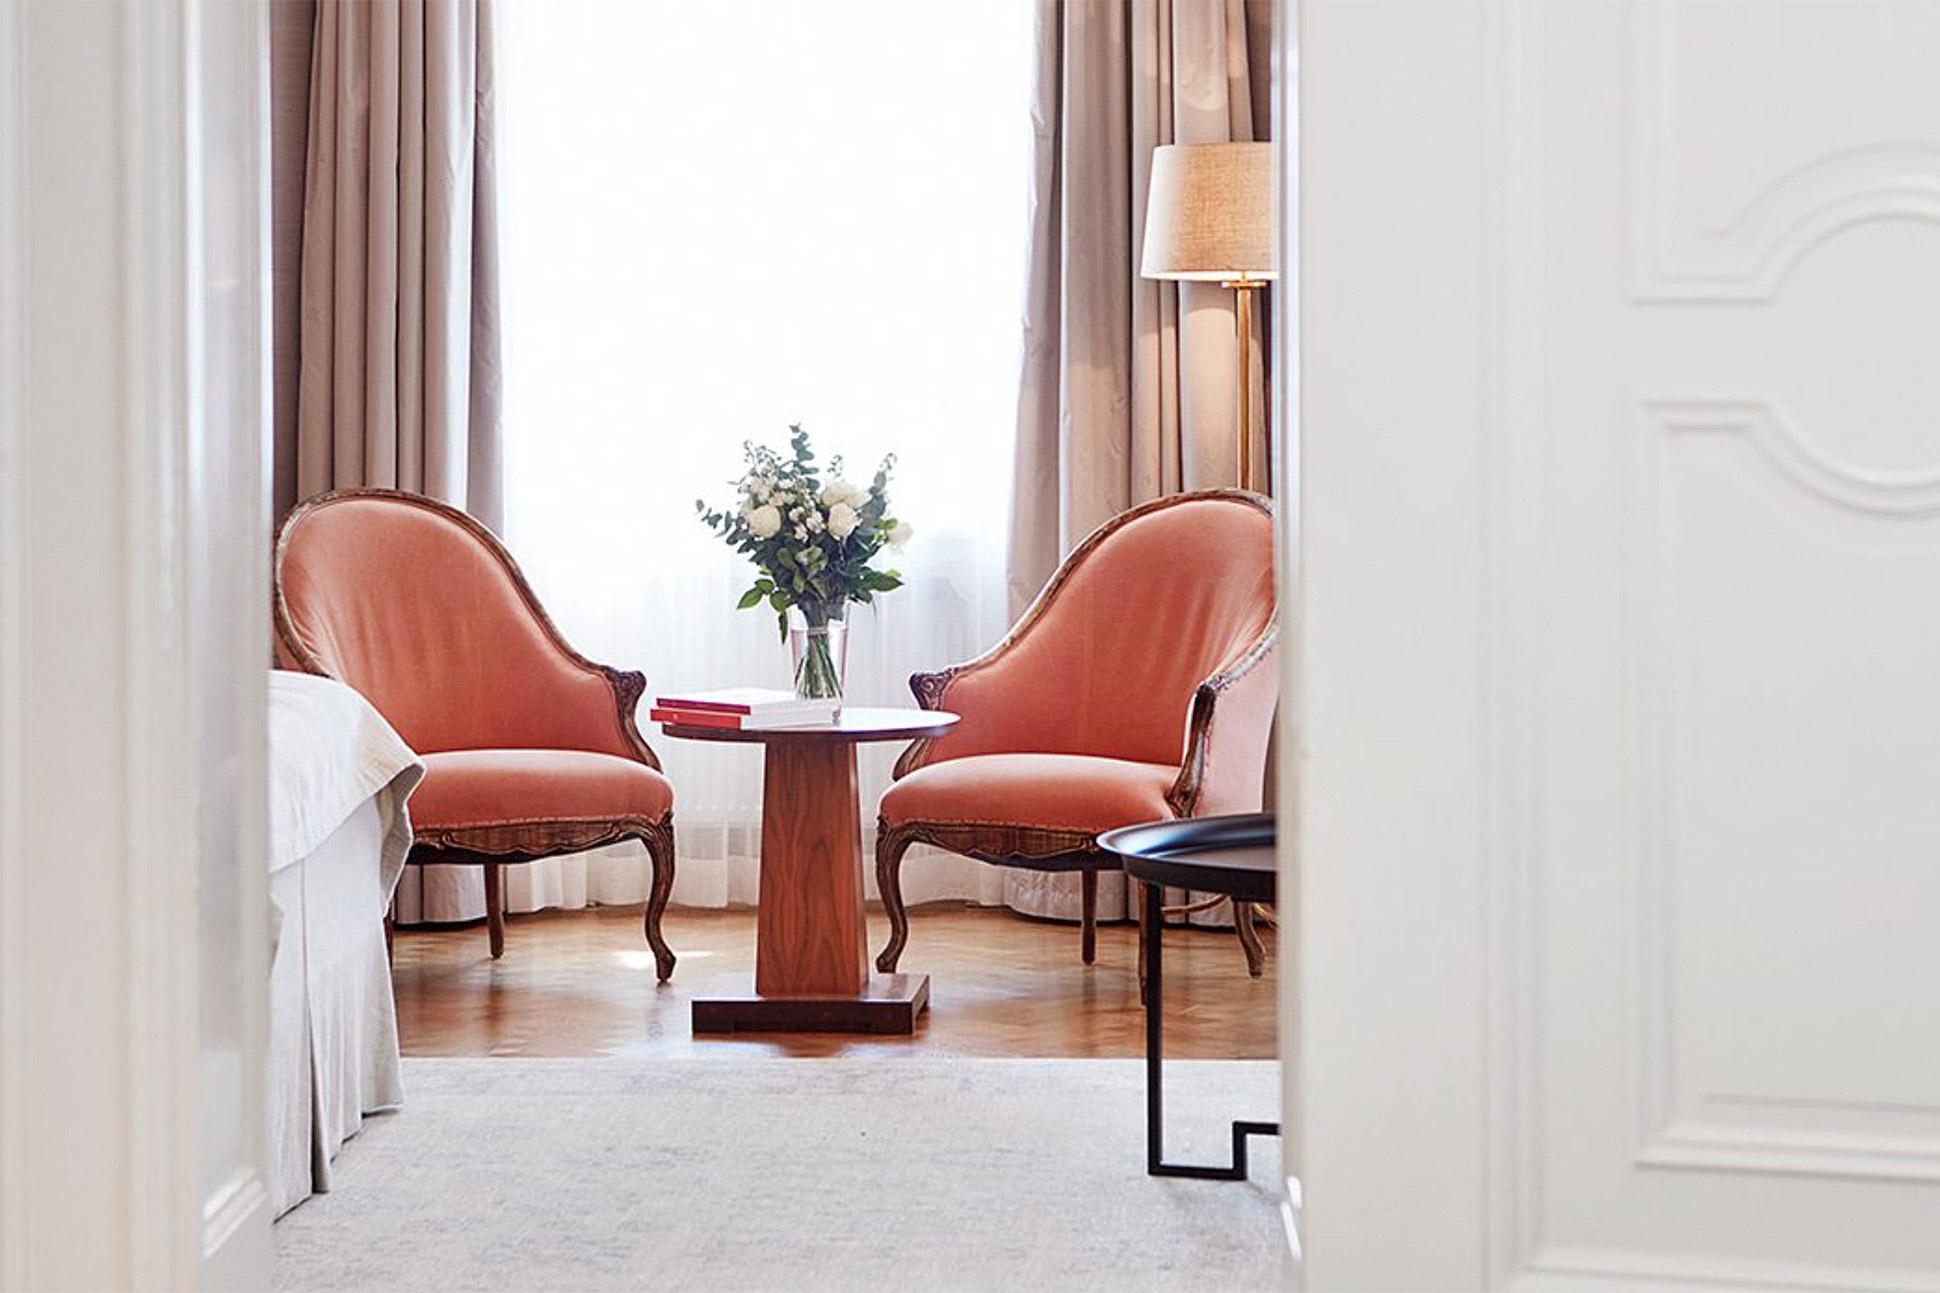 Interior detail at Hotel Diplomat Stockholm, Sweden